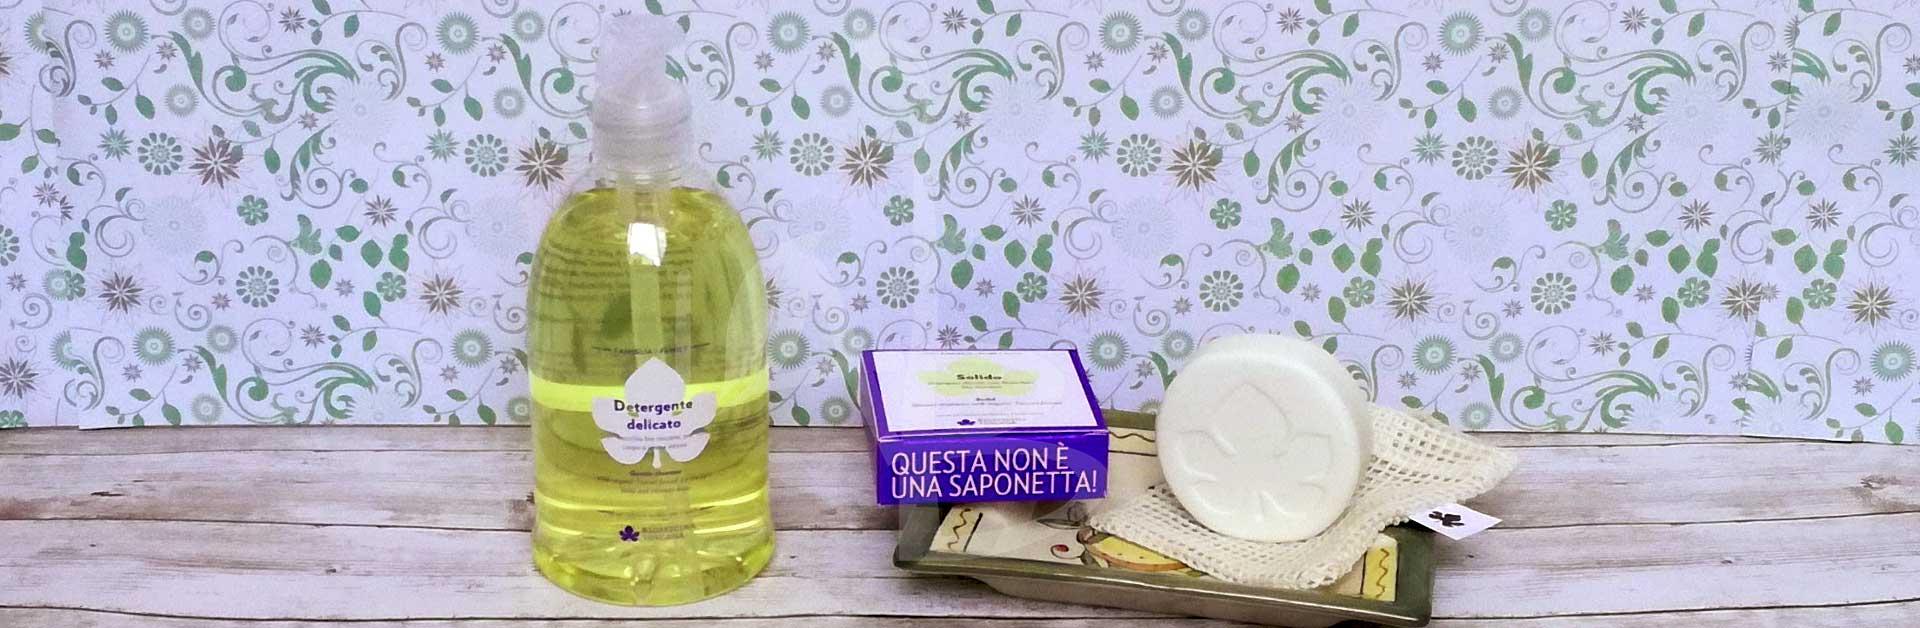 Detergente delicato e Shampoo doccia Solido di Biofficina Toscana